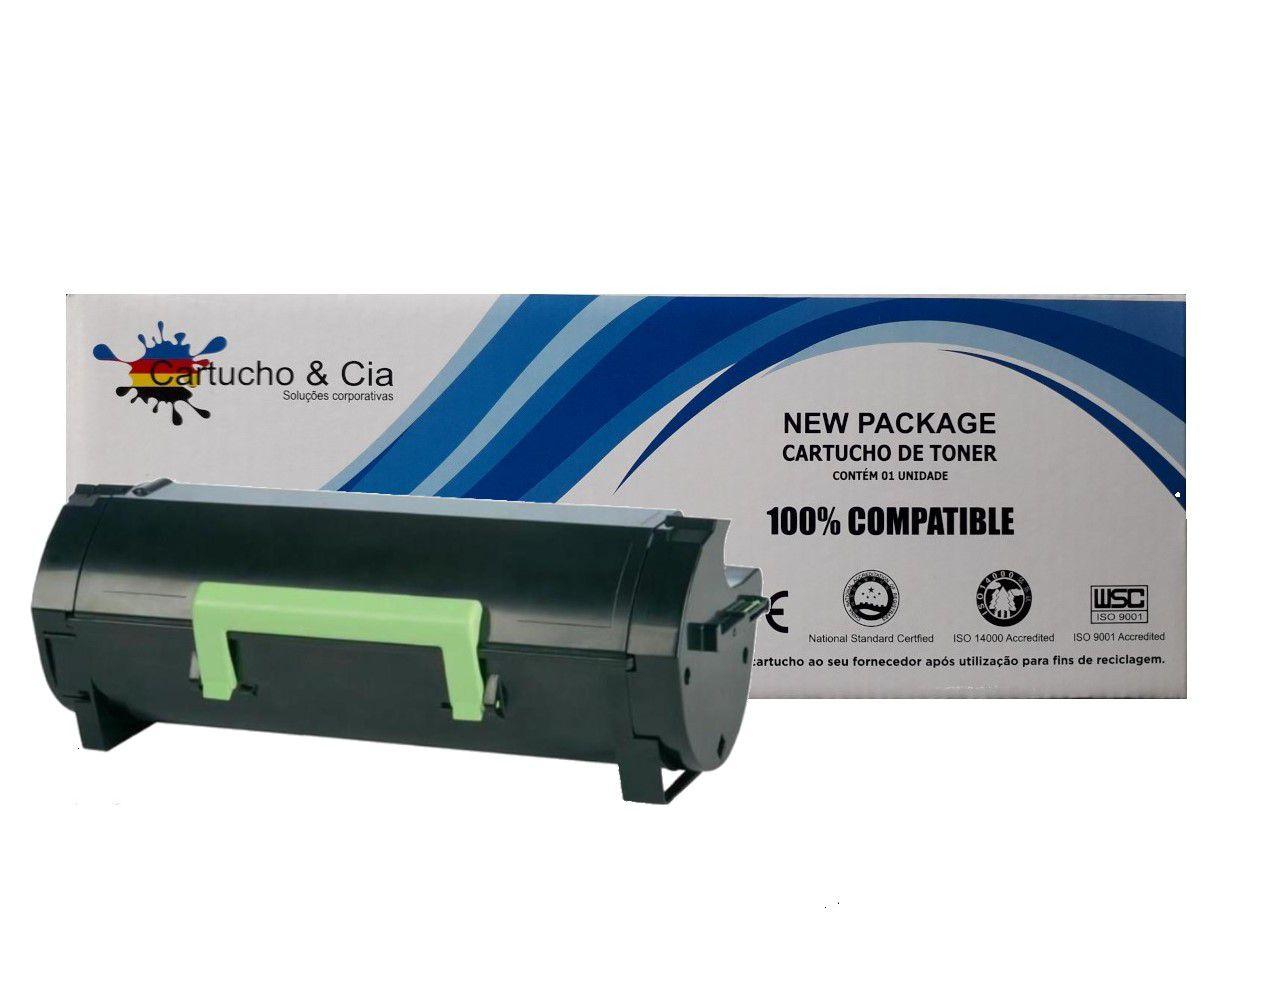 Toner Compatível com Lexmark 604x MX310 + Toner Compatível com Brother Tn1060 - 10.000 Páginas - Cartucho & Cia.